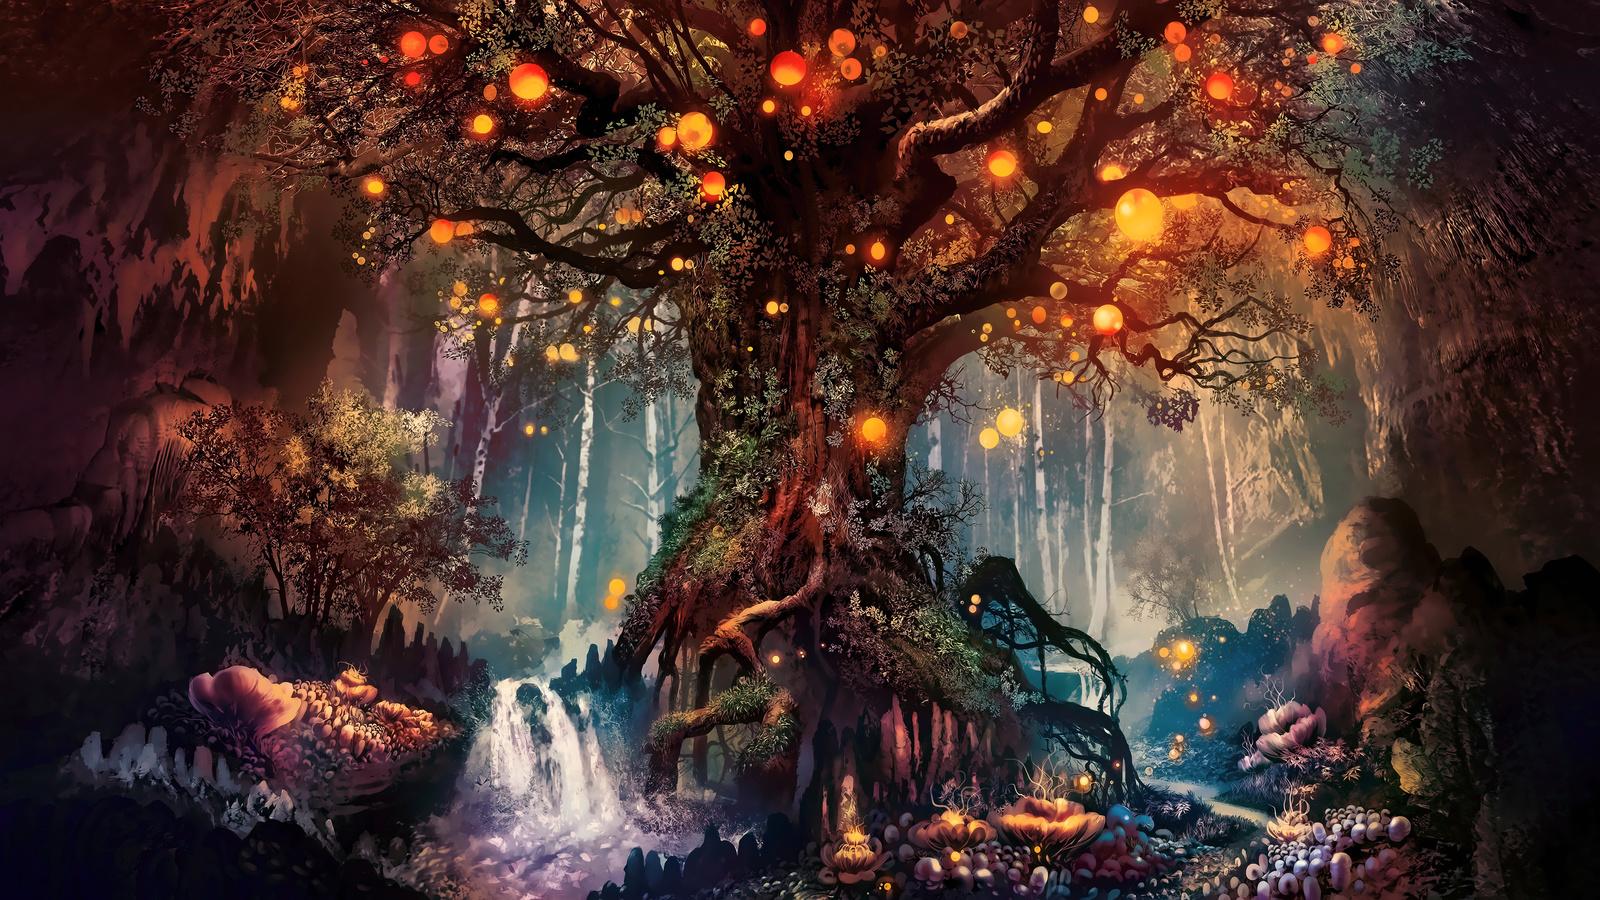 Сказочный лес открытка, открыток сладостями